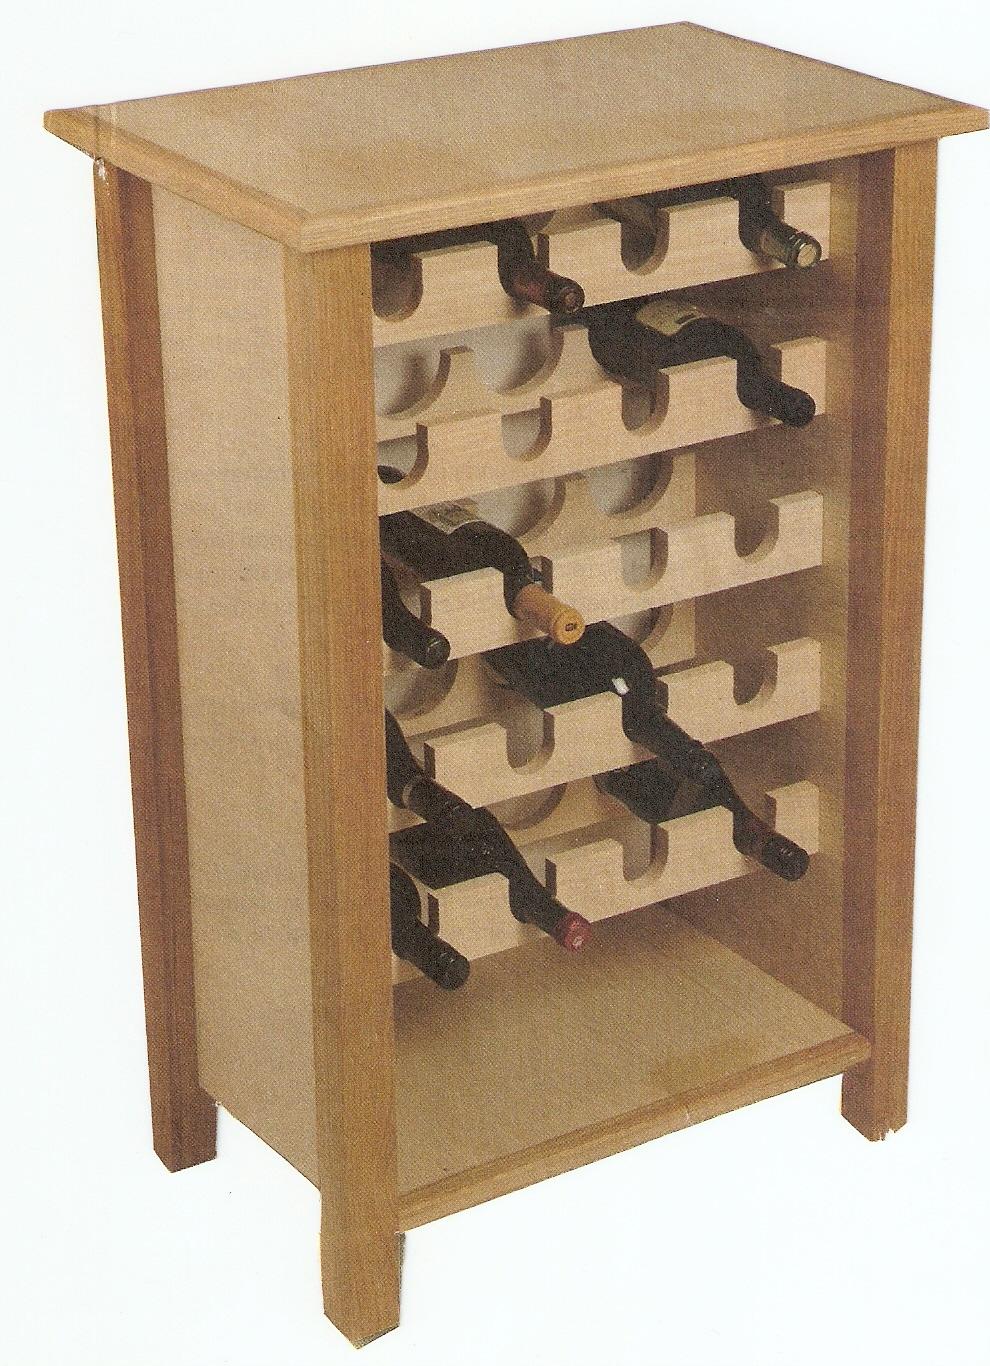 Lavori creativi fai da te l 39 hobby sul web come realizzare un portabottiglie per vino in legno - Portabottiglie di vino in legno ...